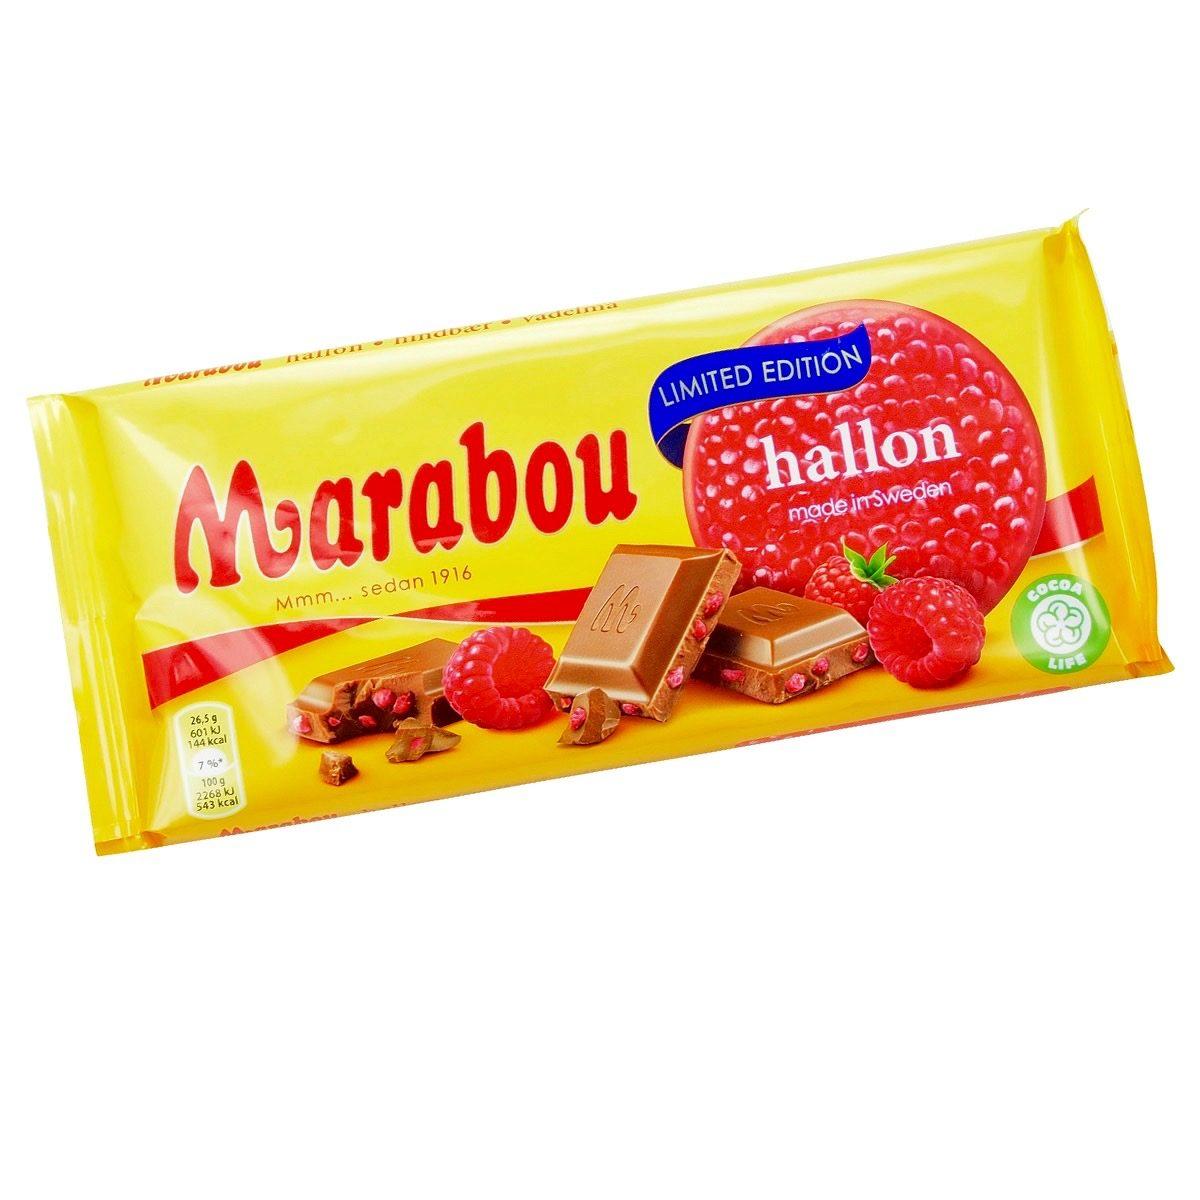 Marabou hallon (185g) 1